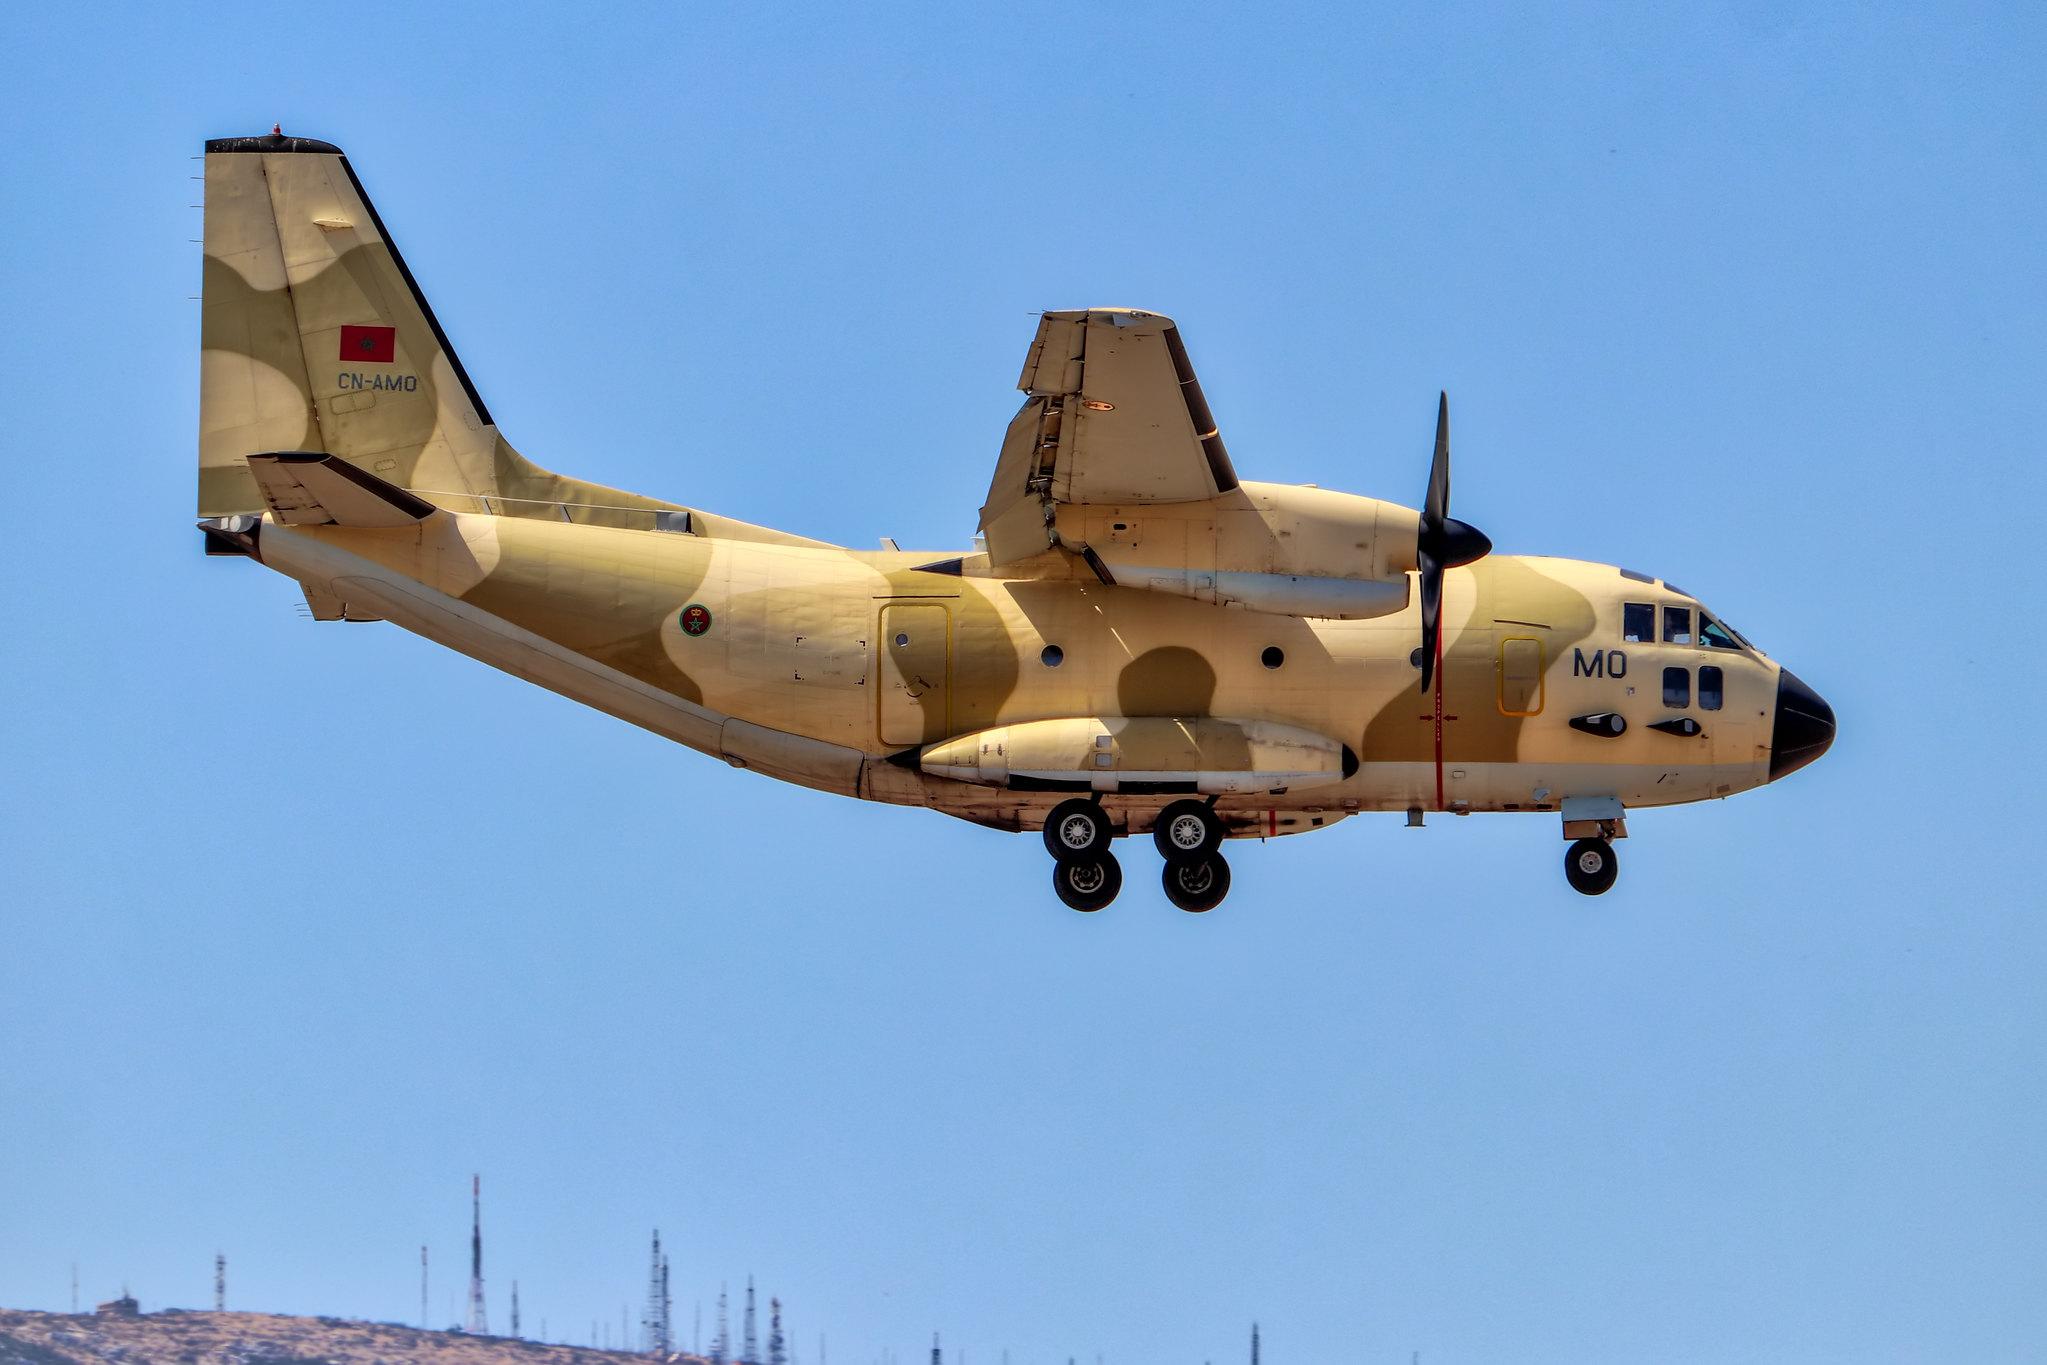 FRA: Photos d'avions de transport - Page 41 50304205978_a30e8f1d81_k